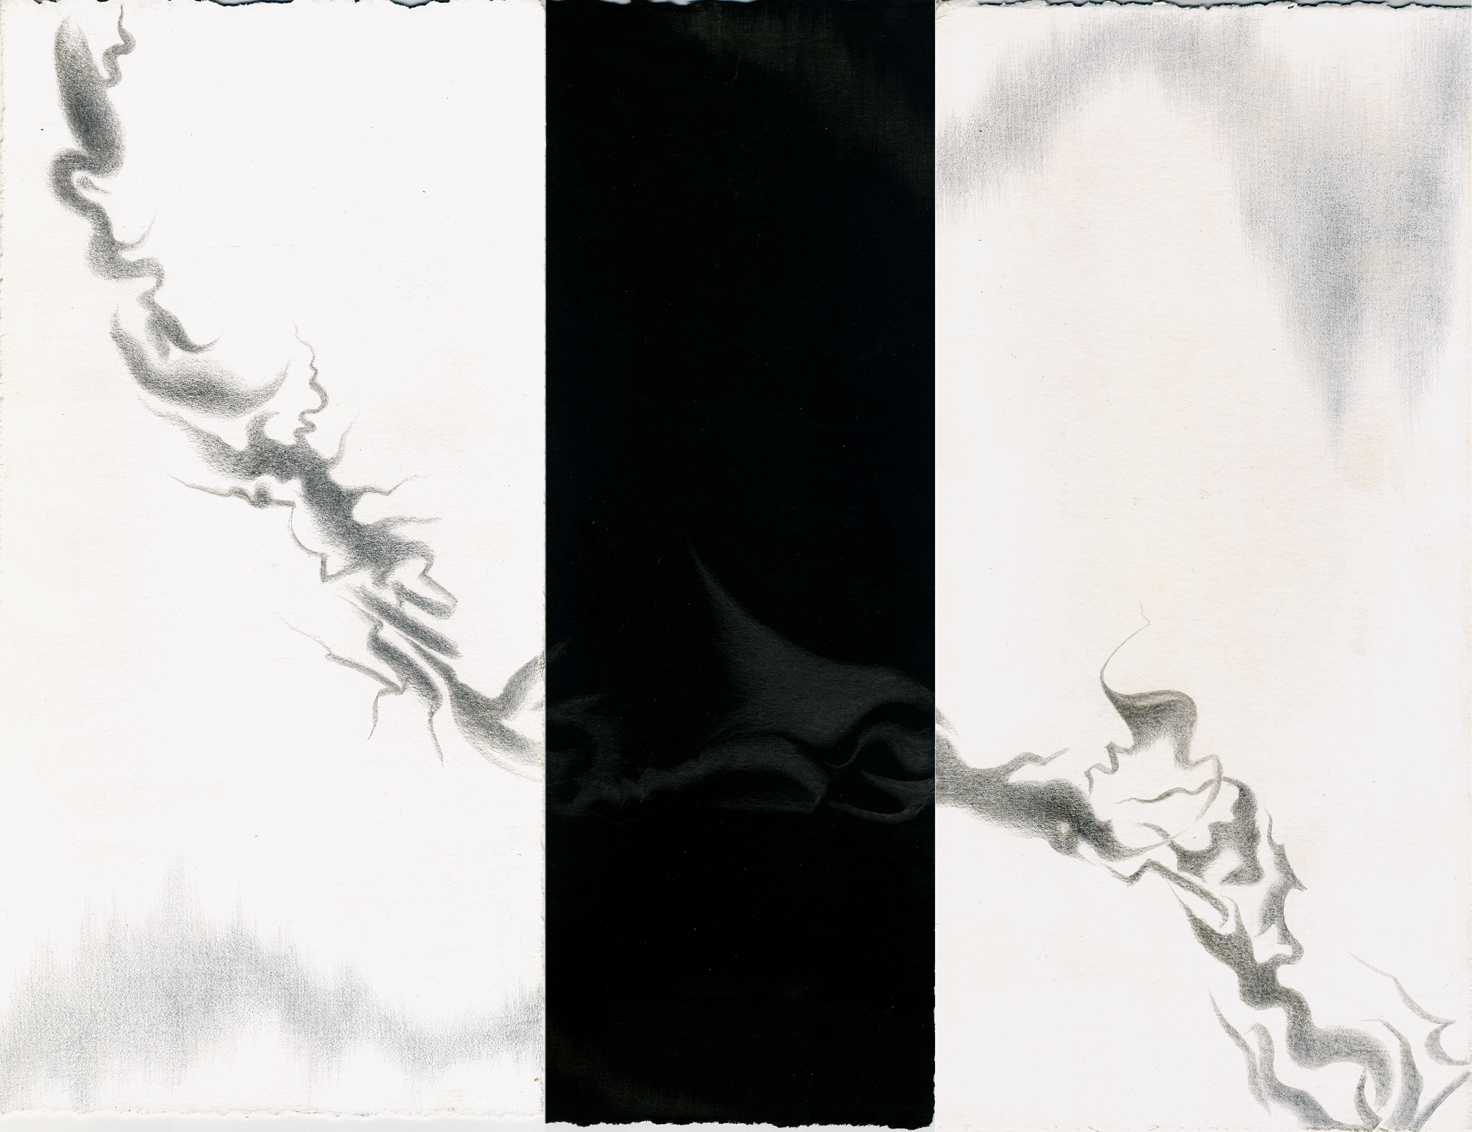 Traces IV-V-VI, silver-goldpoint, 2013, artist Jeannine Cook